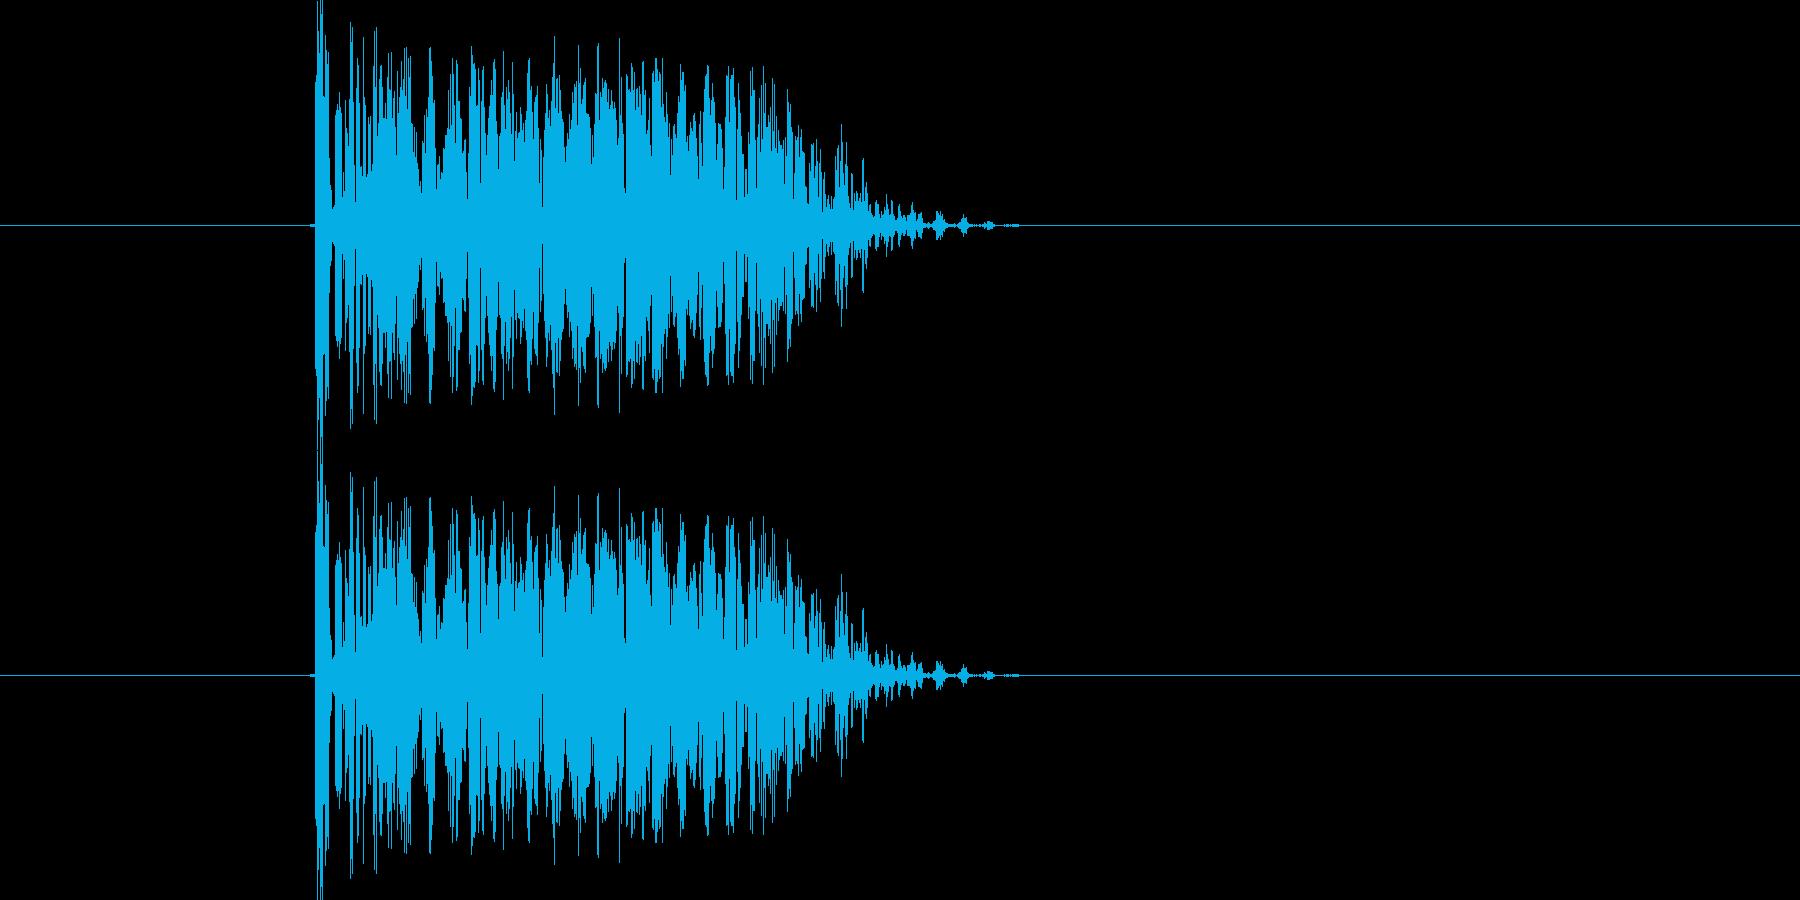 「ビャウ」というレトロなキャンセル音の再生済みの波形